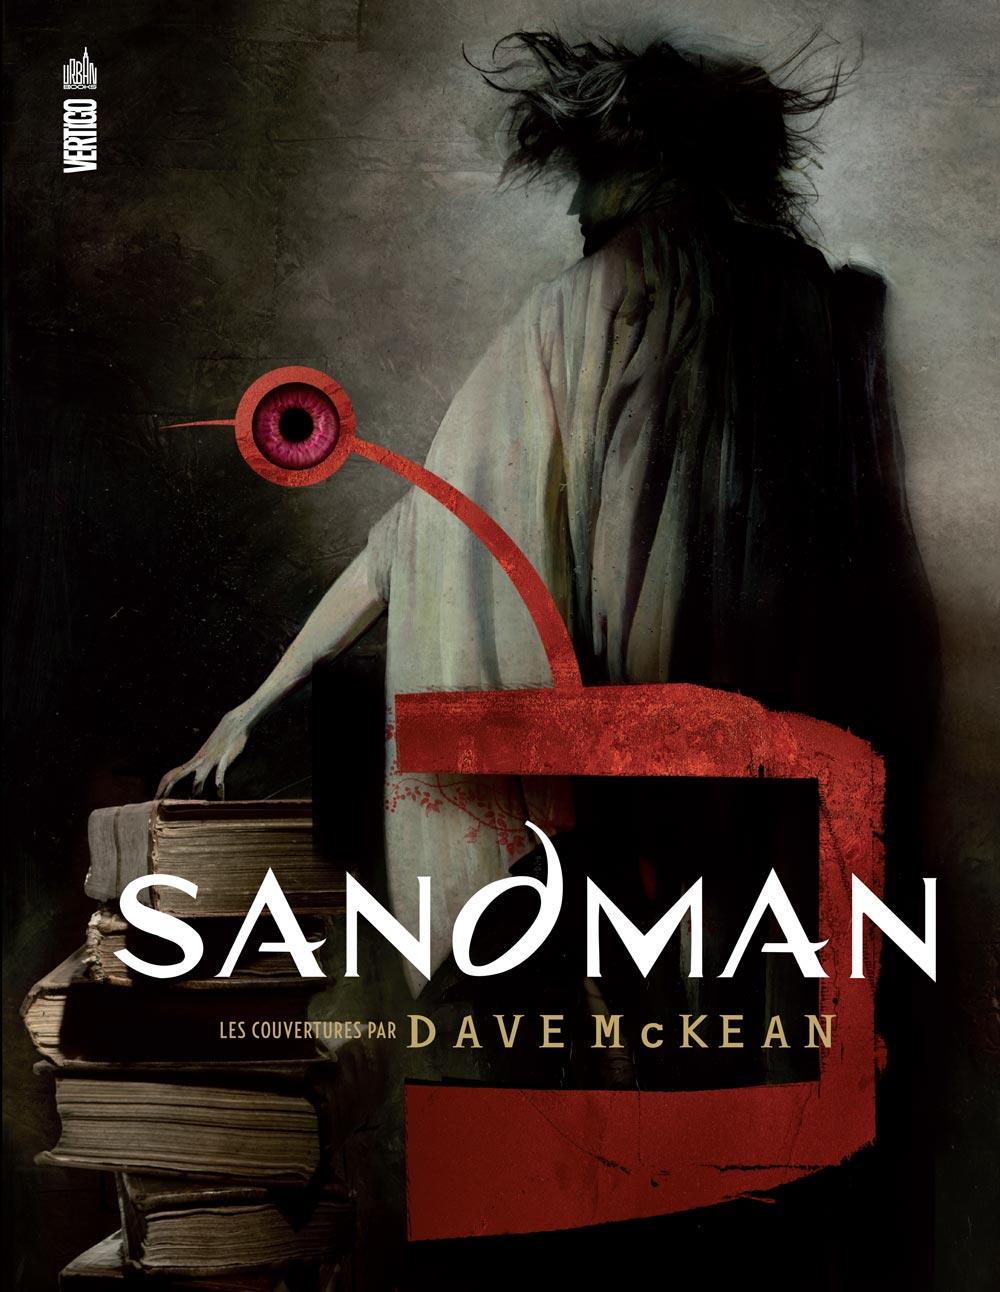 Sandman - Les couvertures par Dave McKean 1 - Les couvertures par Dave McKean